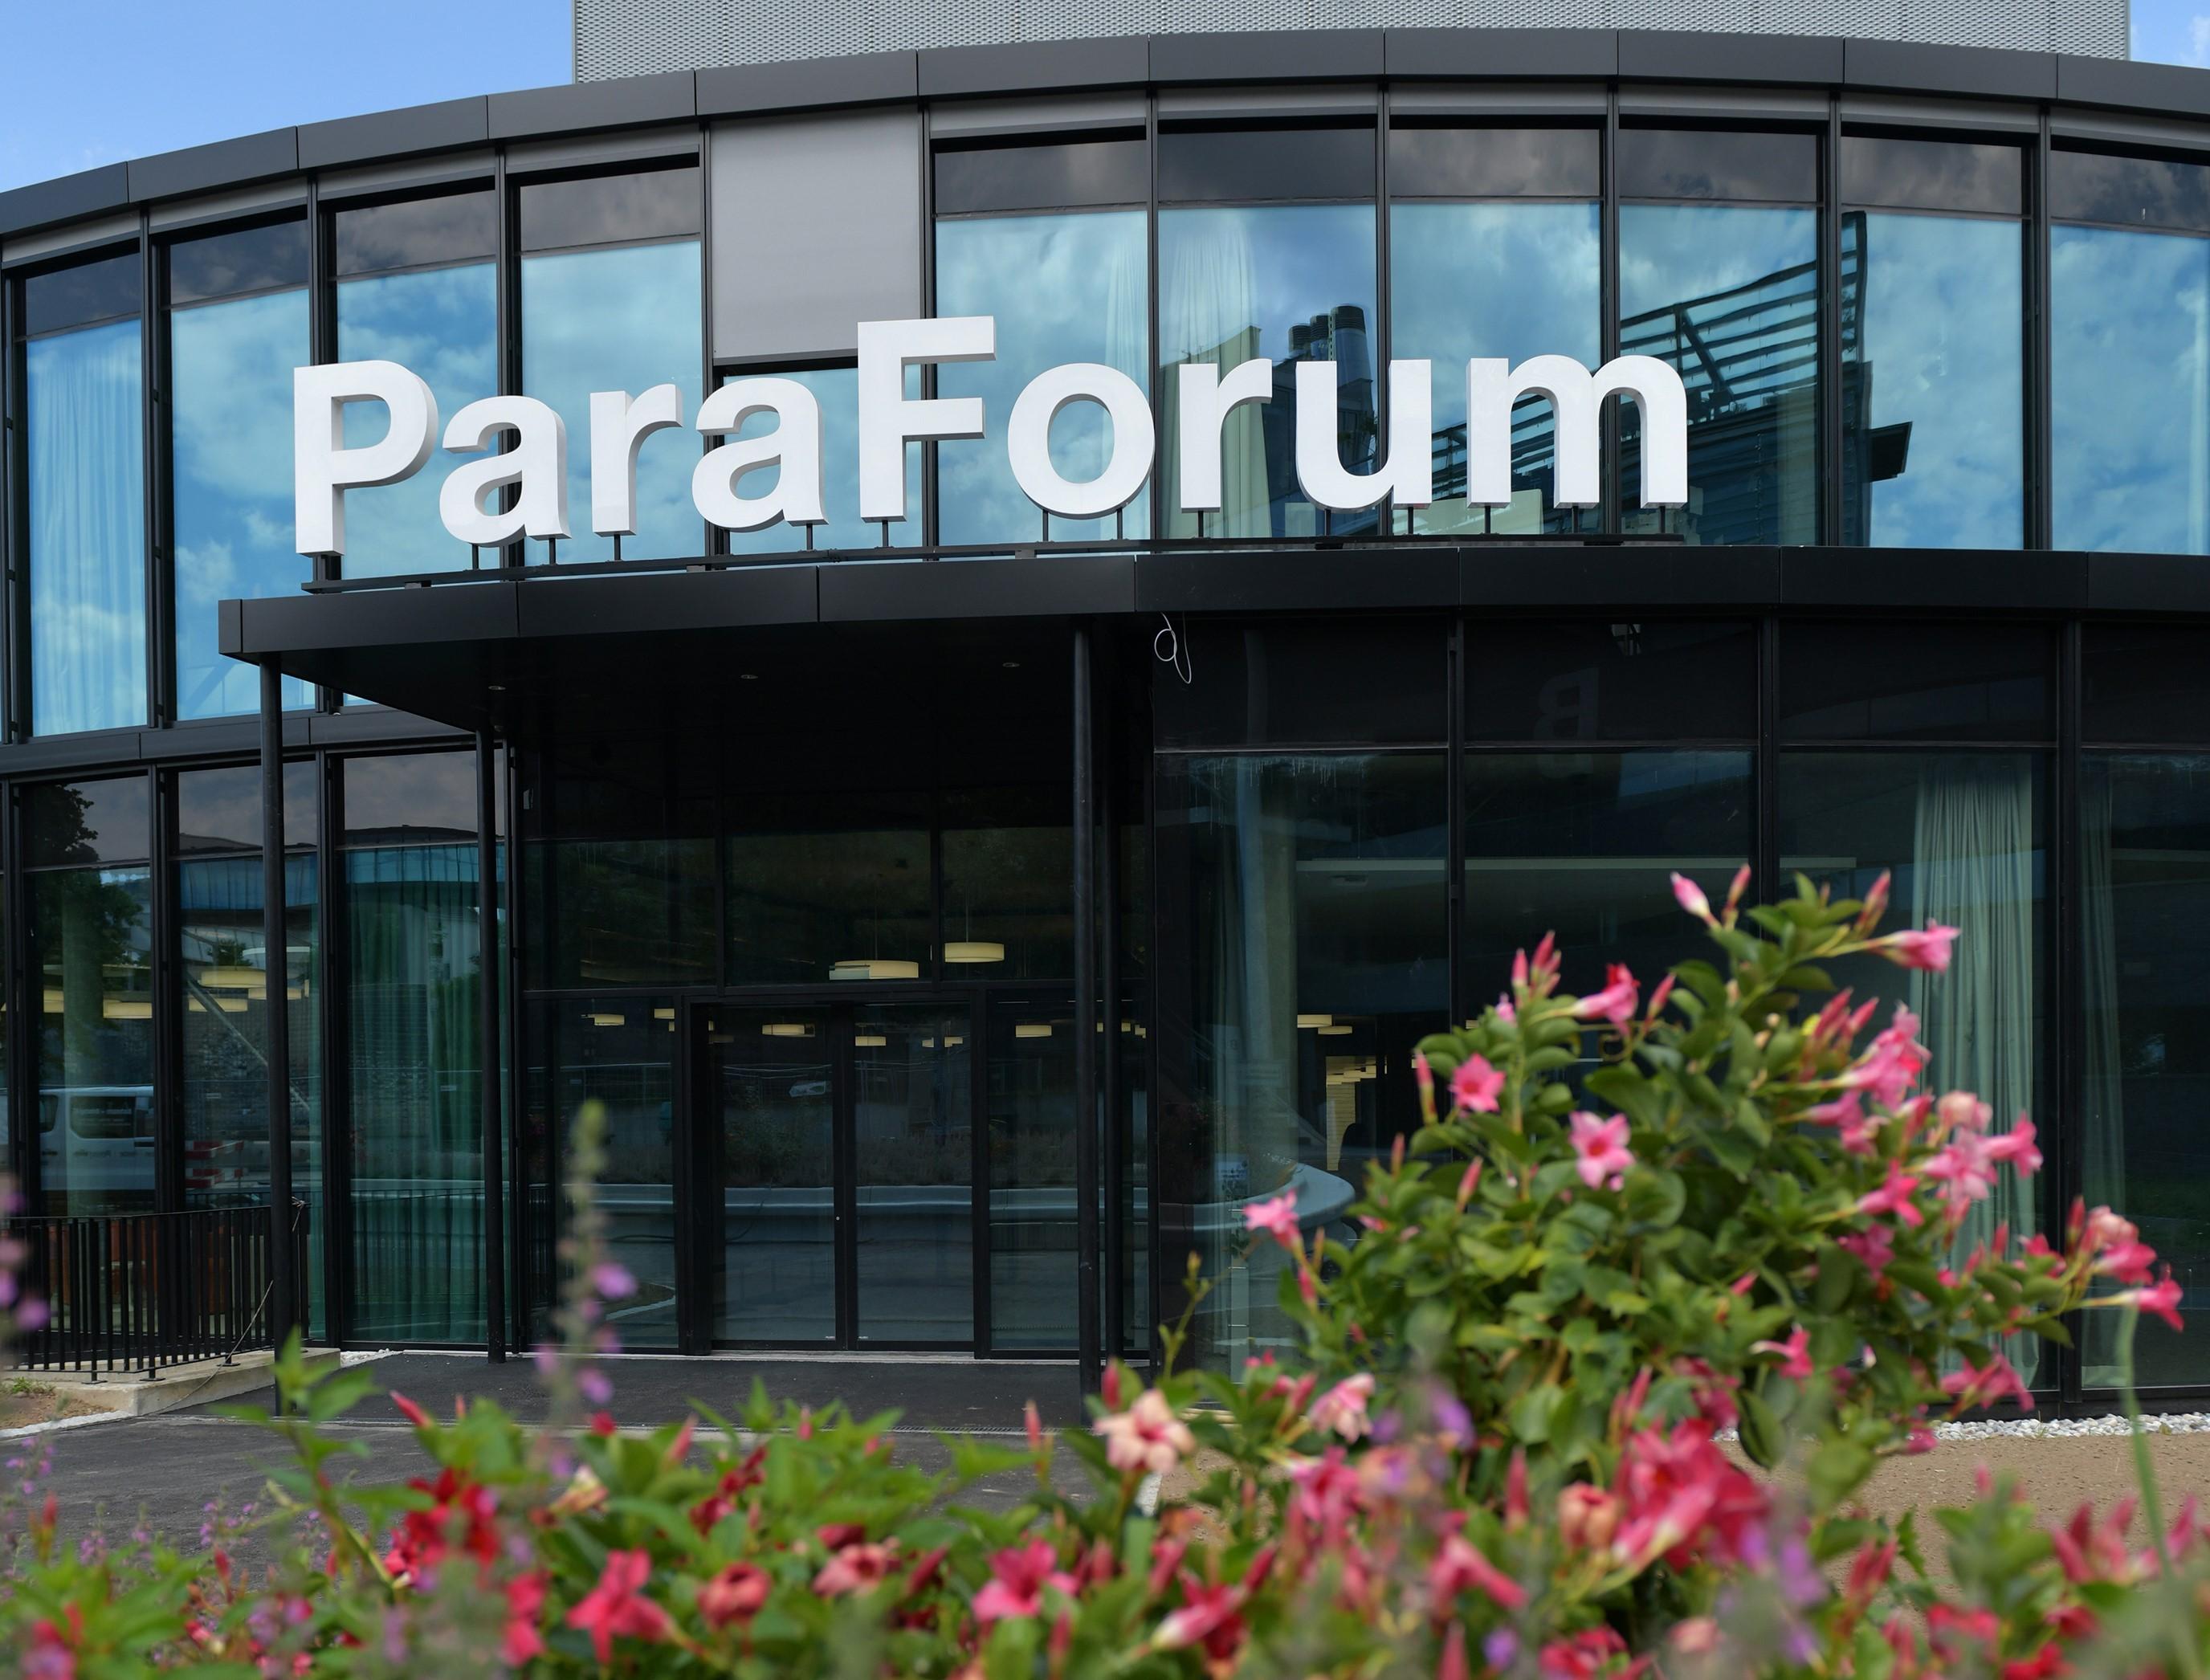 Visualisierung des Besucherzentrums ParaForum. Architektur: Hemmi Fayet Architekten. Visualisierung: nightnurse images GmbH